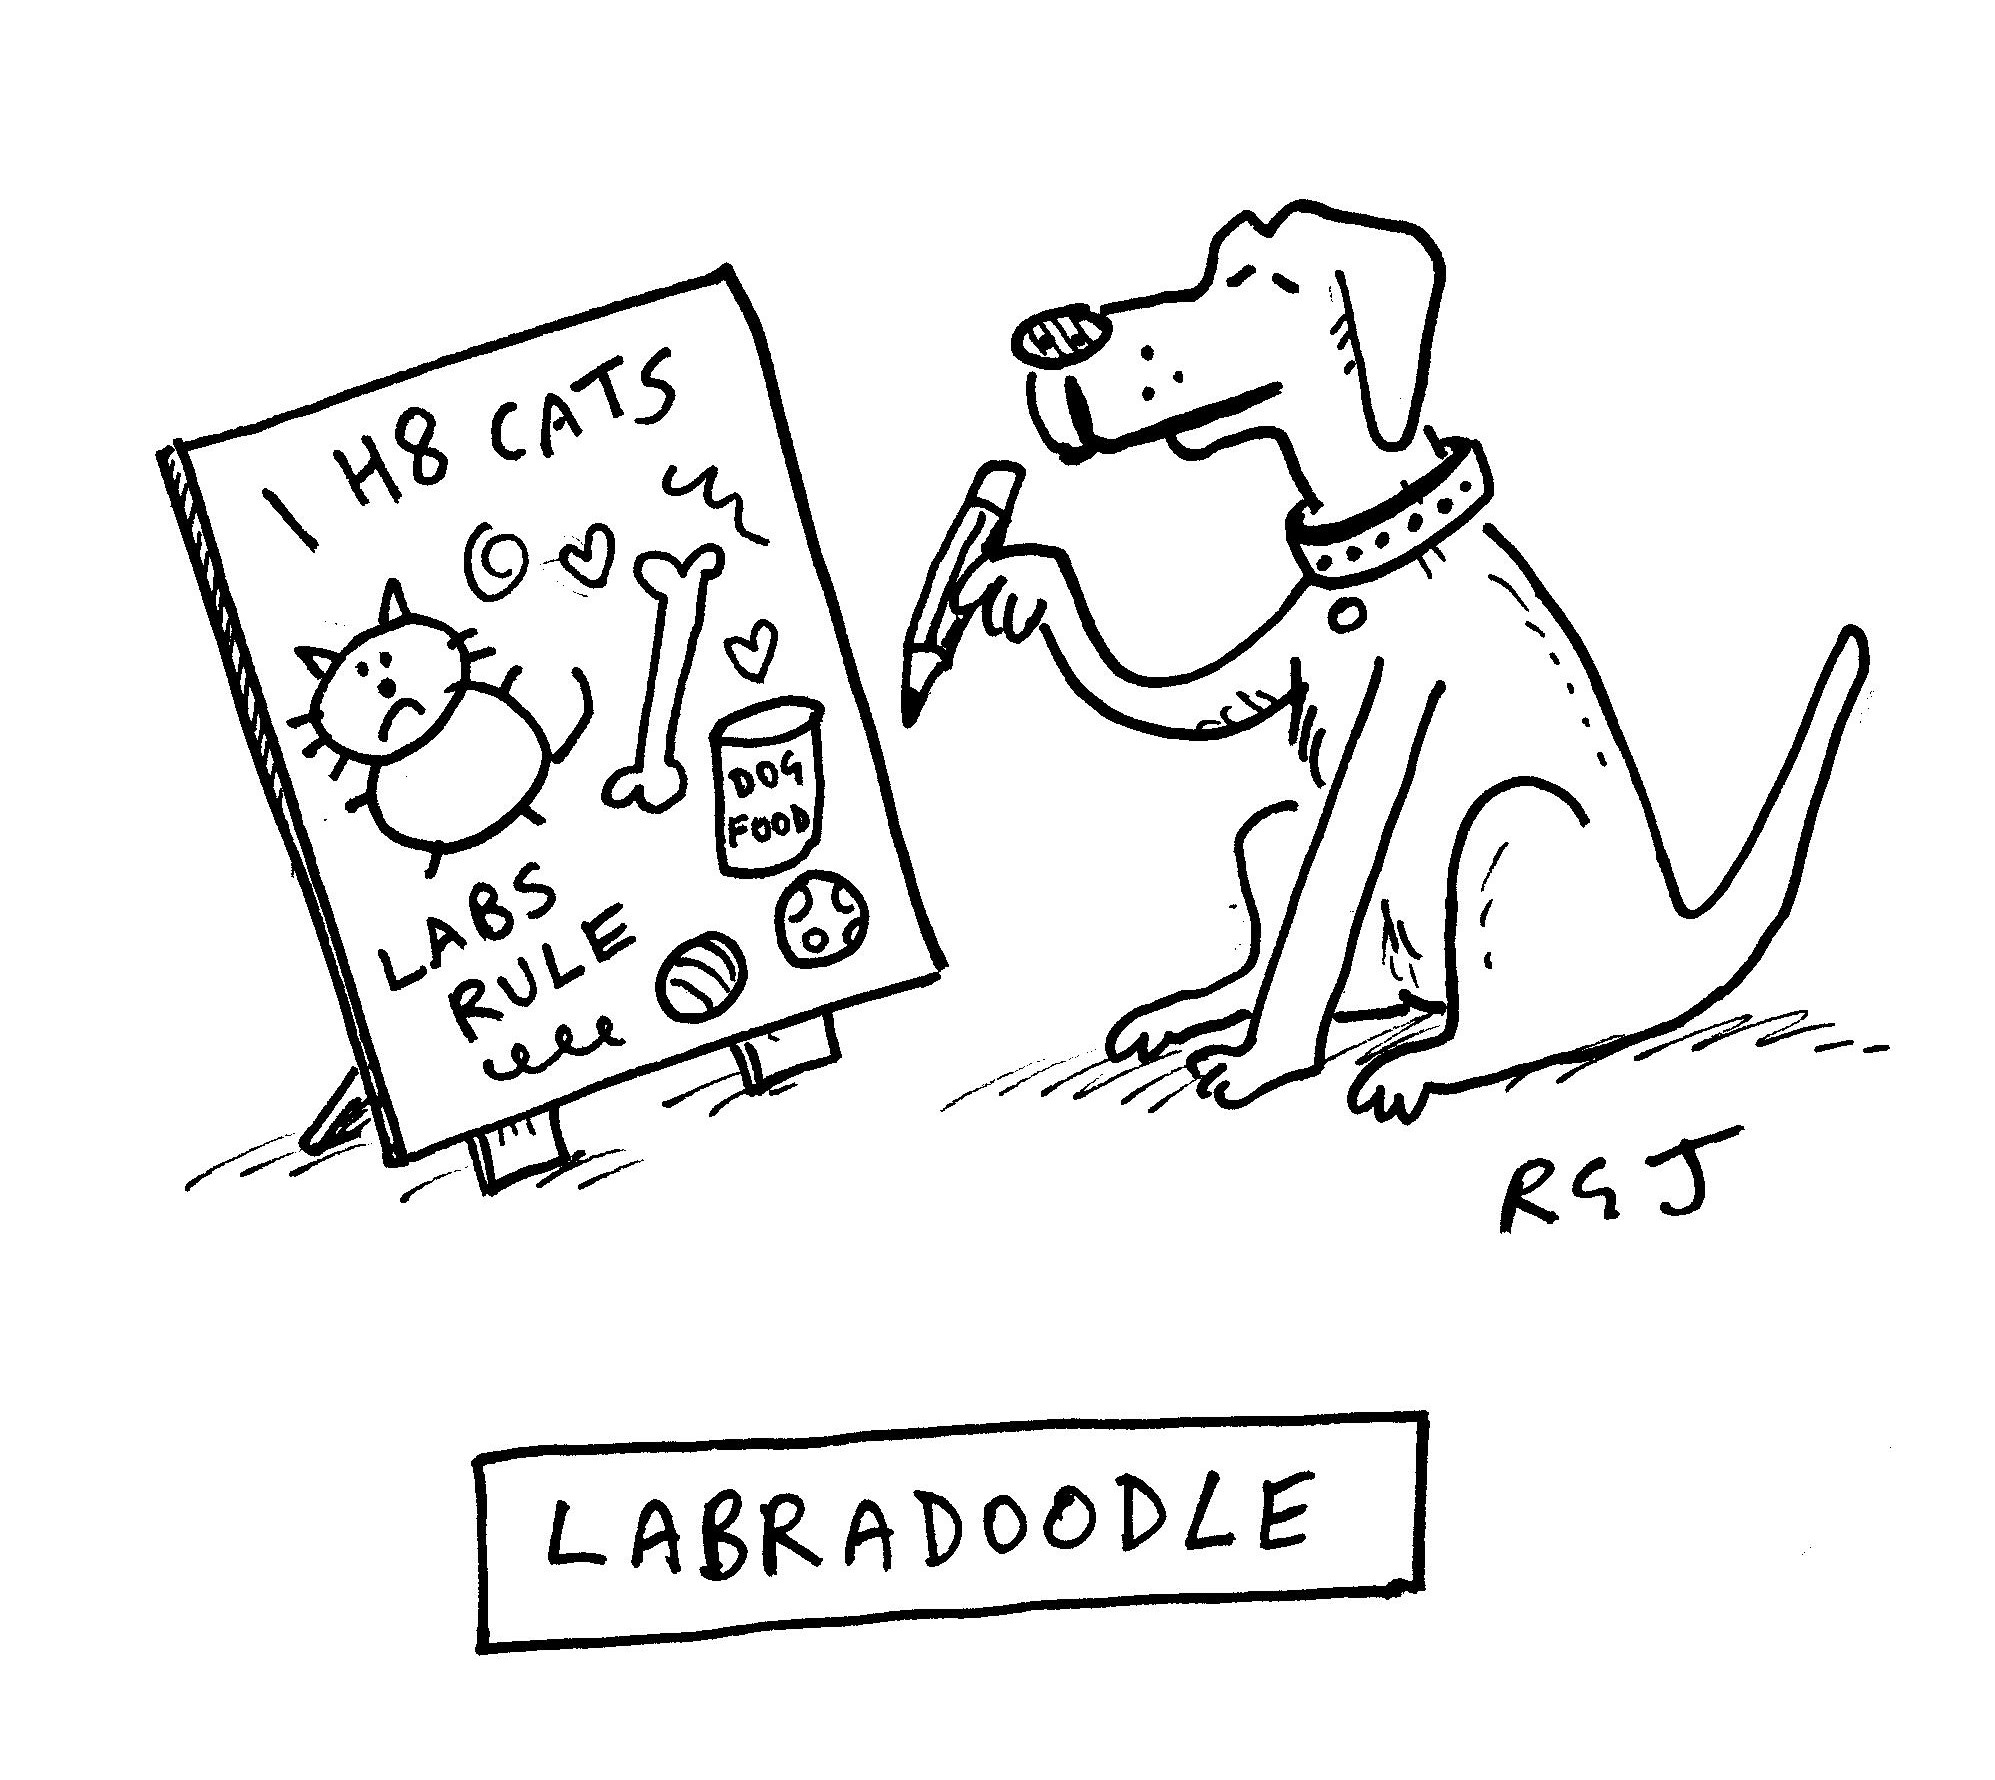 Labradoodle